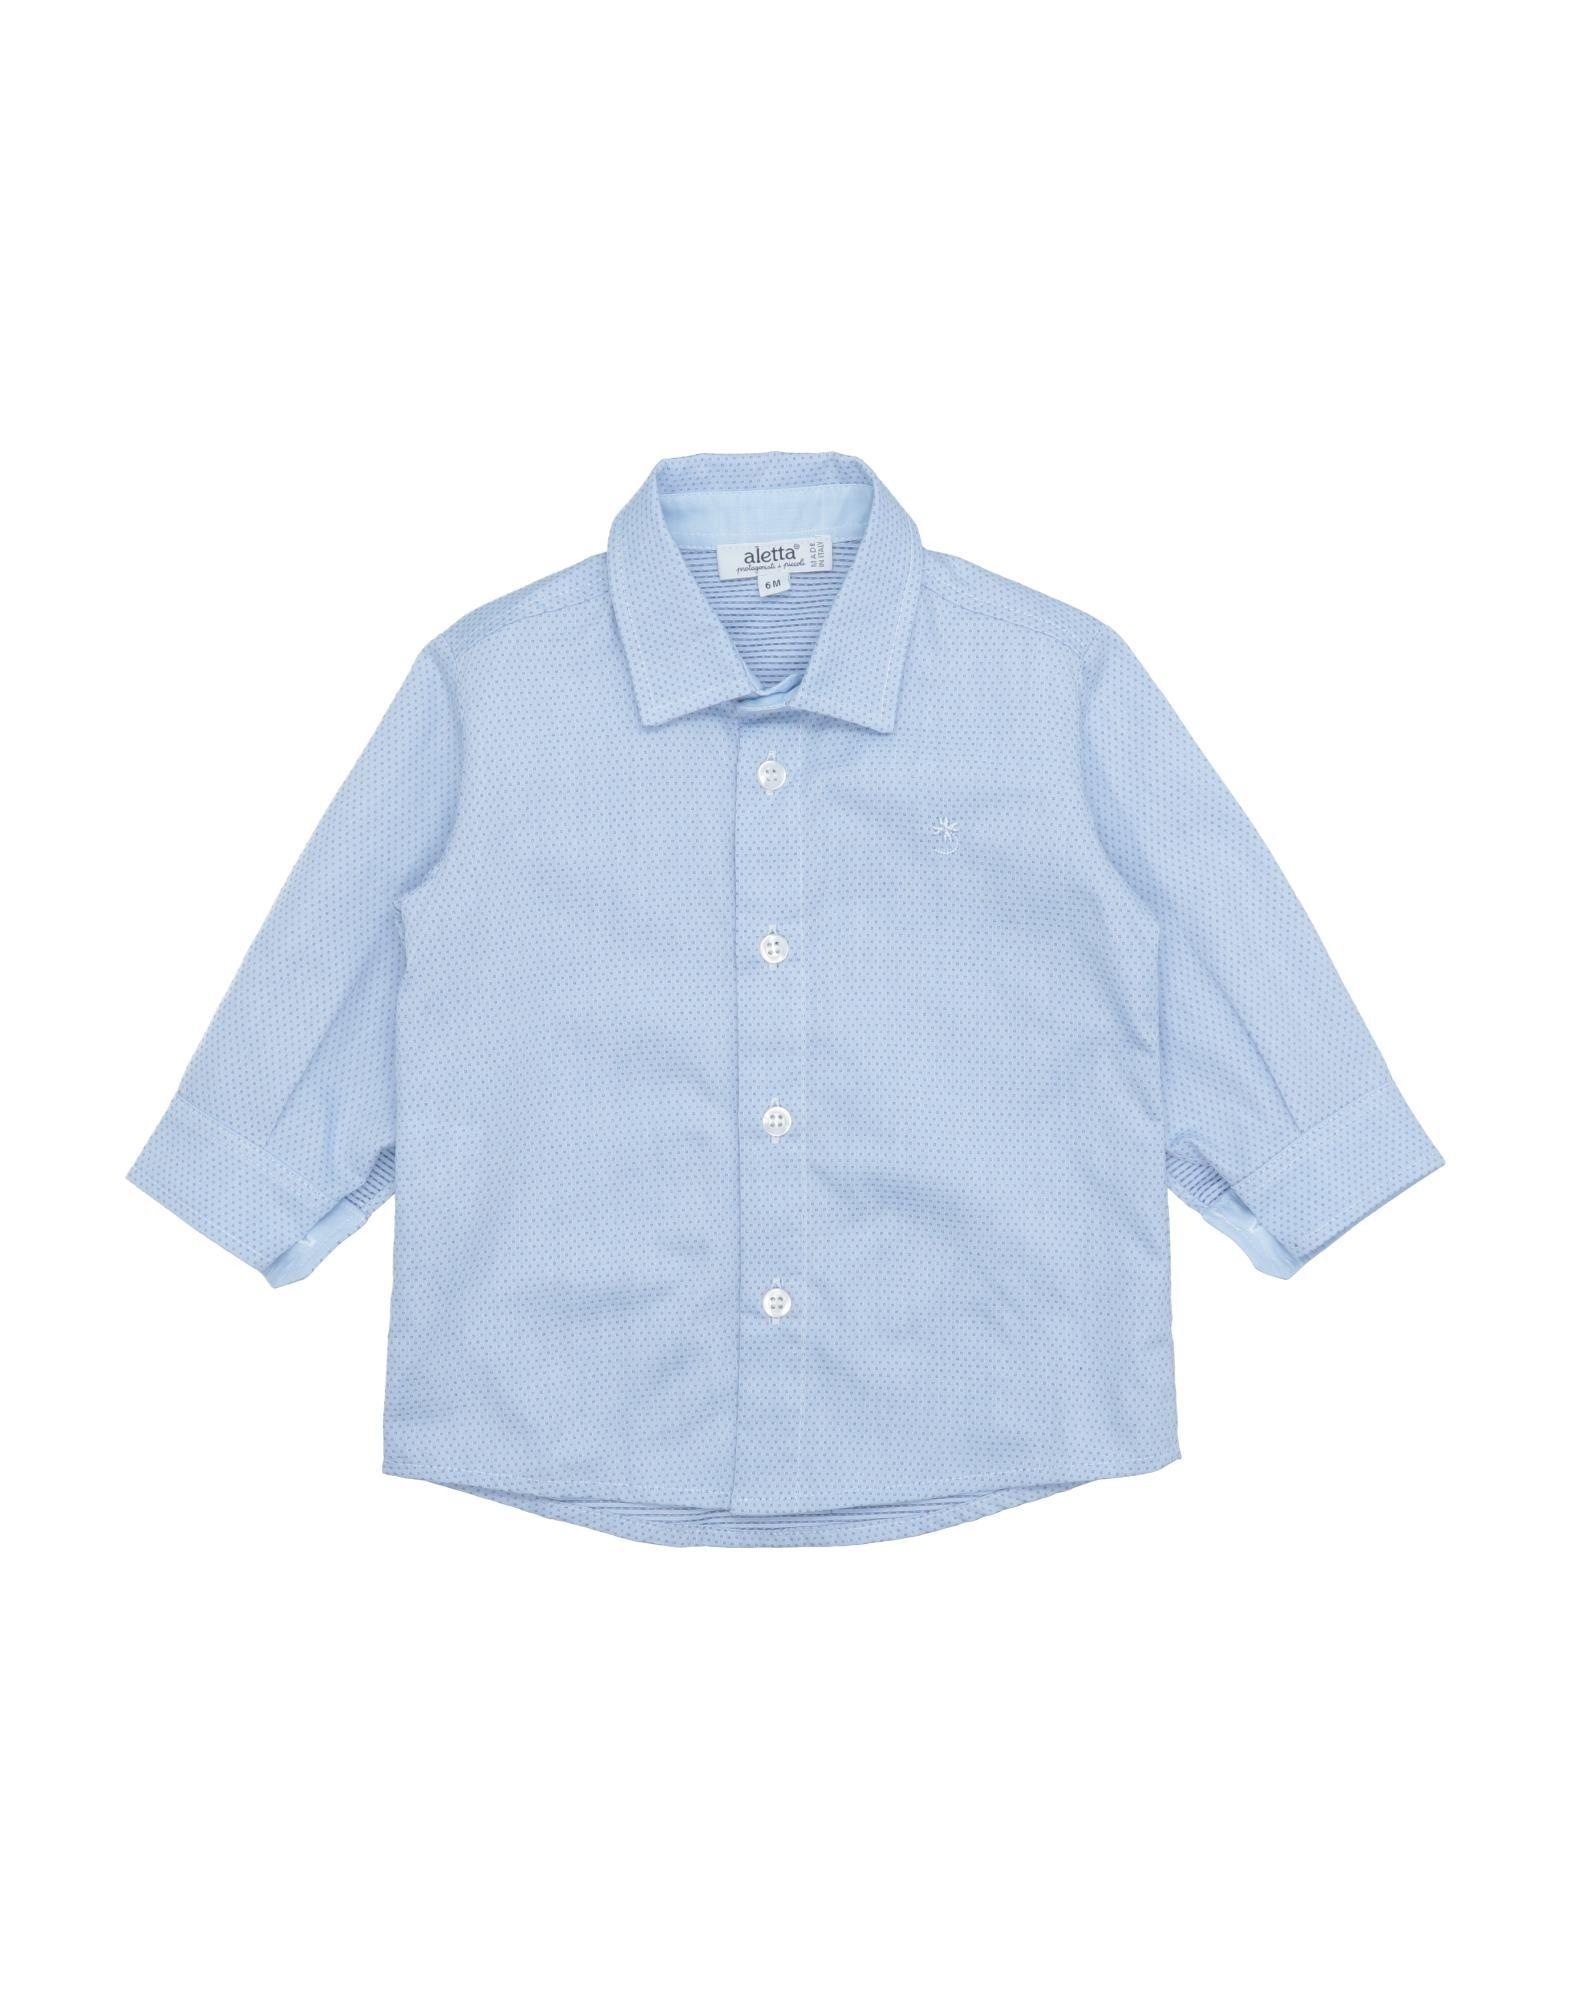 《セール開催中》ALETTA ボーイズ 0-24 ヶ月 シャツ スカイブルー 6 コットン 100%